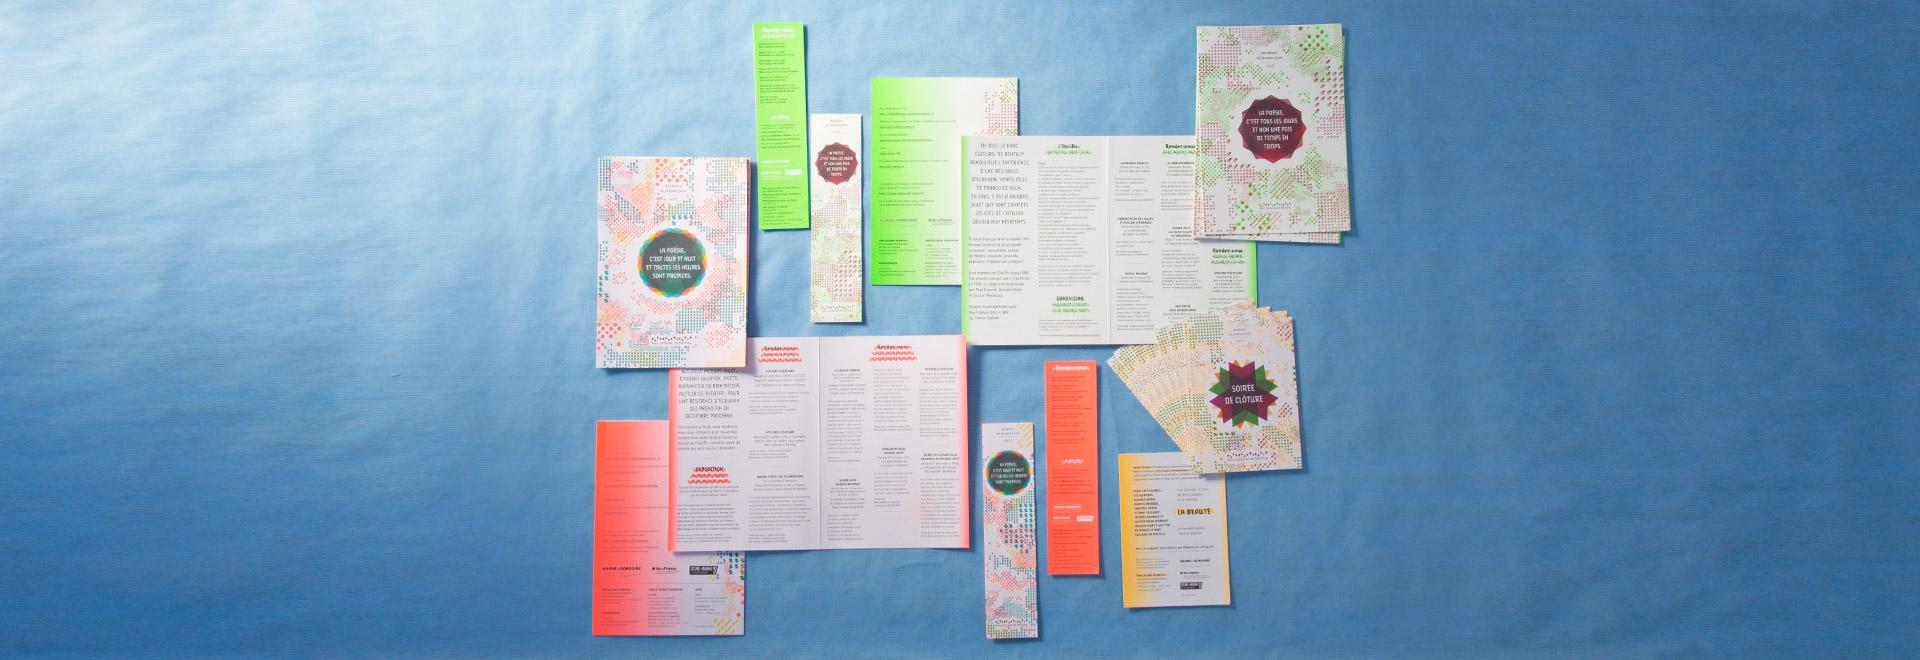 Parc-culturel-rentilly-Residence-oulipo-1-Communication-declinaison-graphique-1